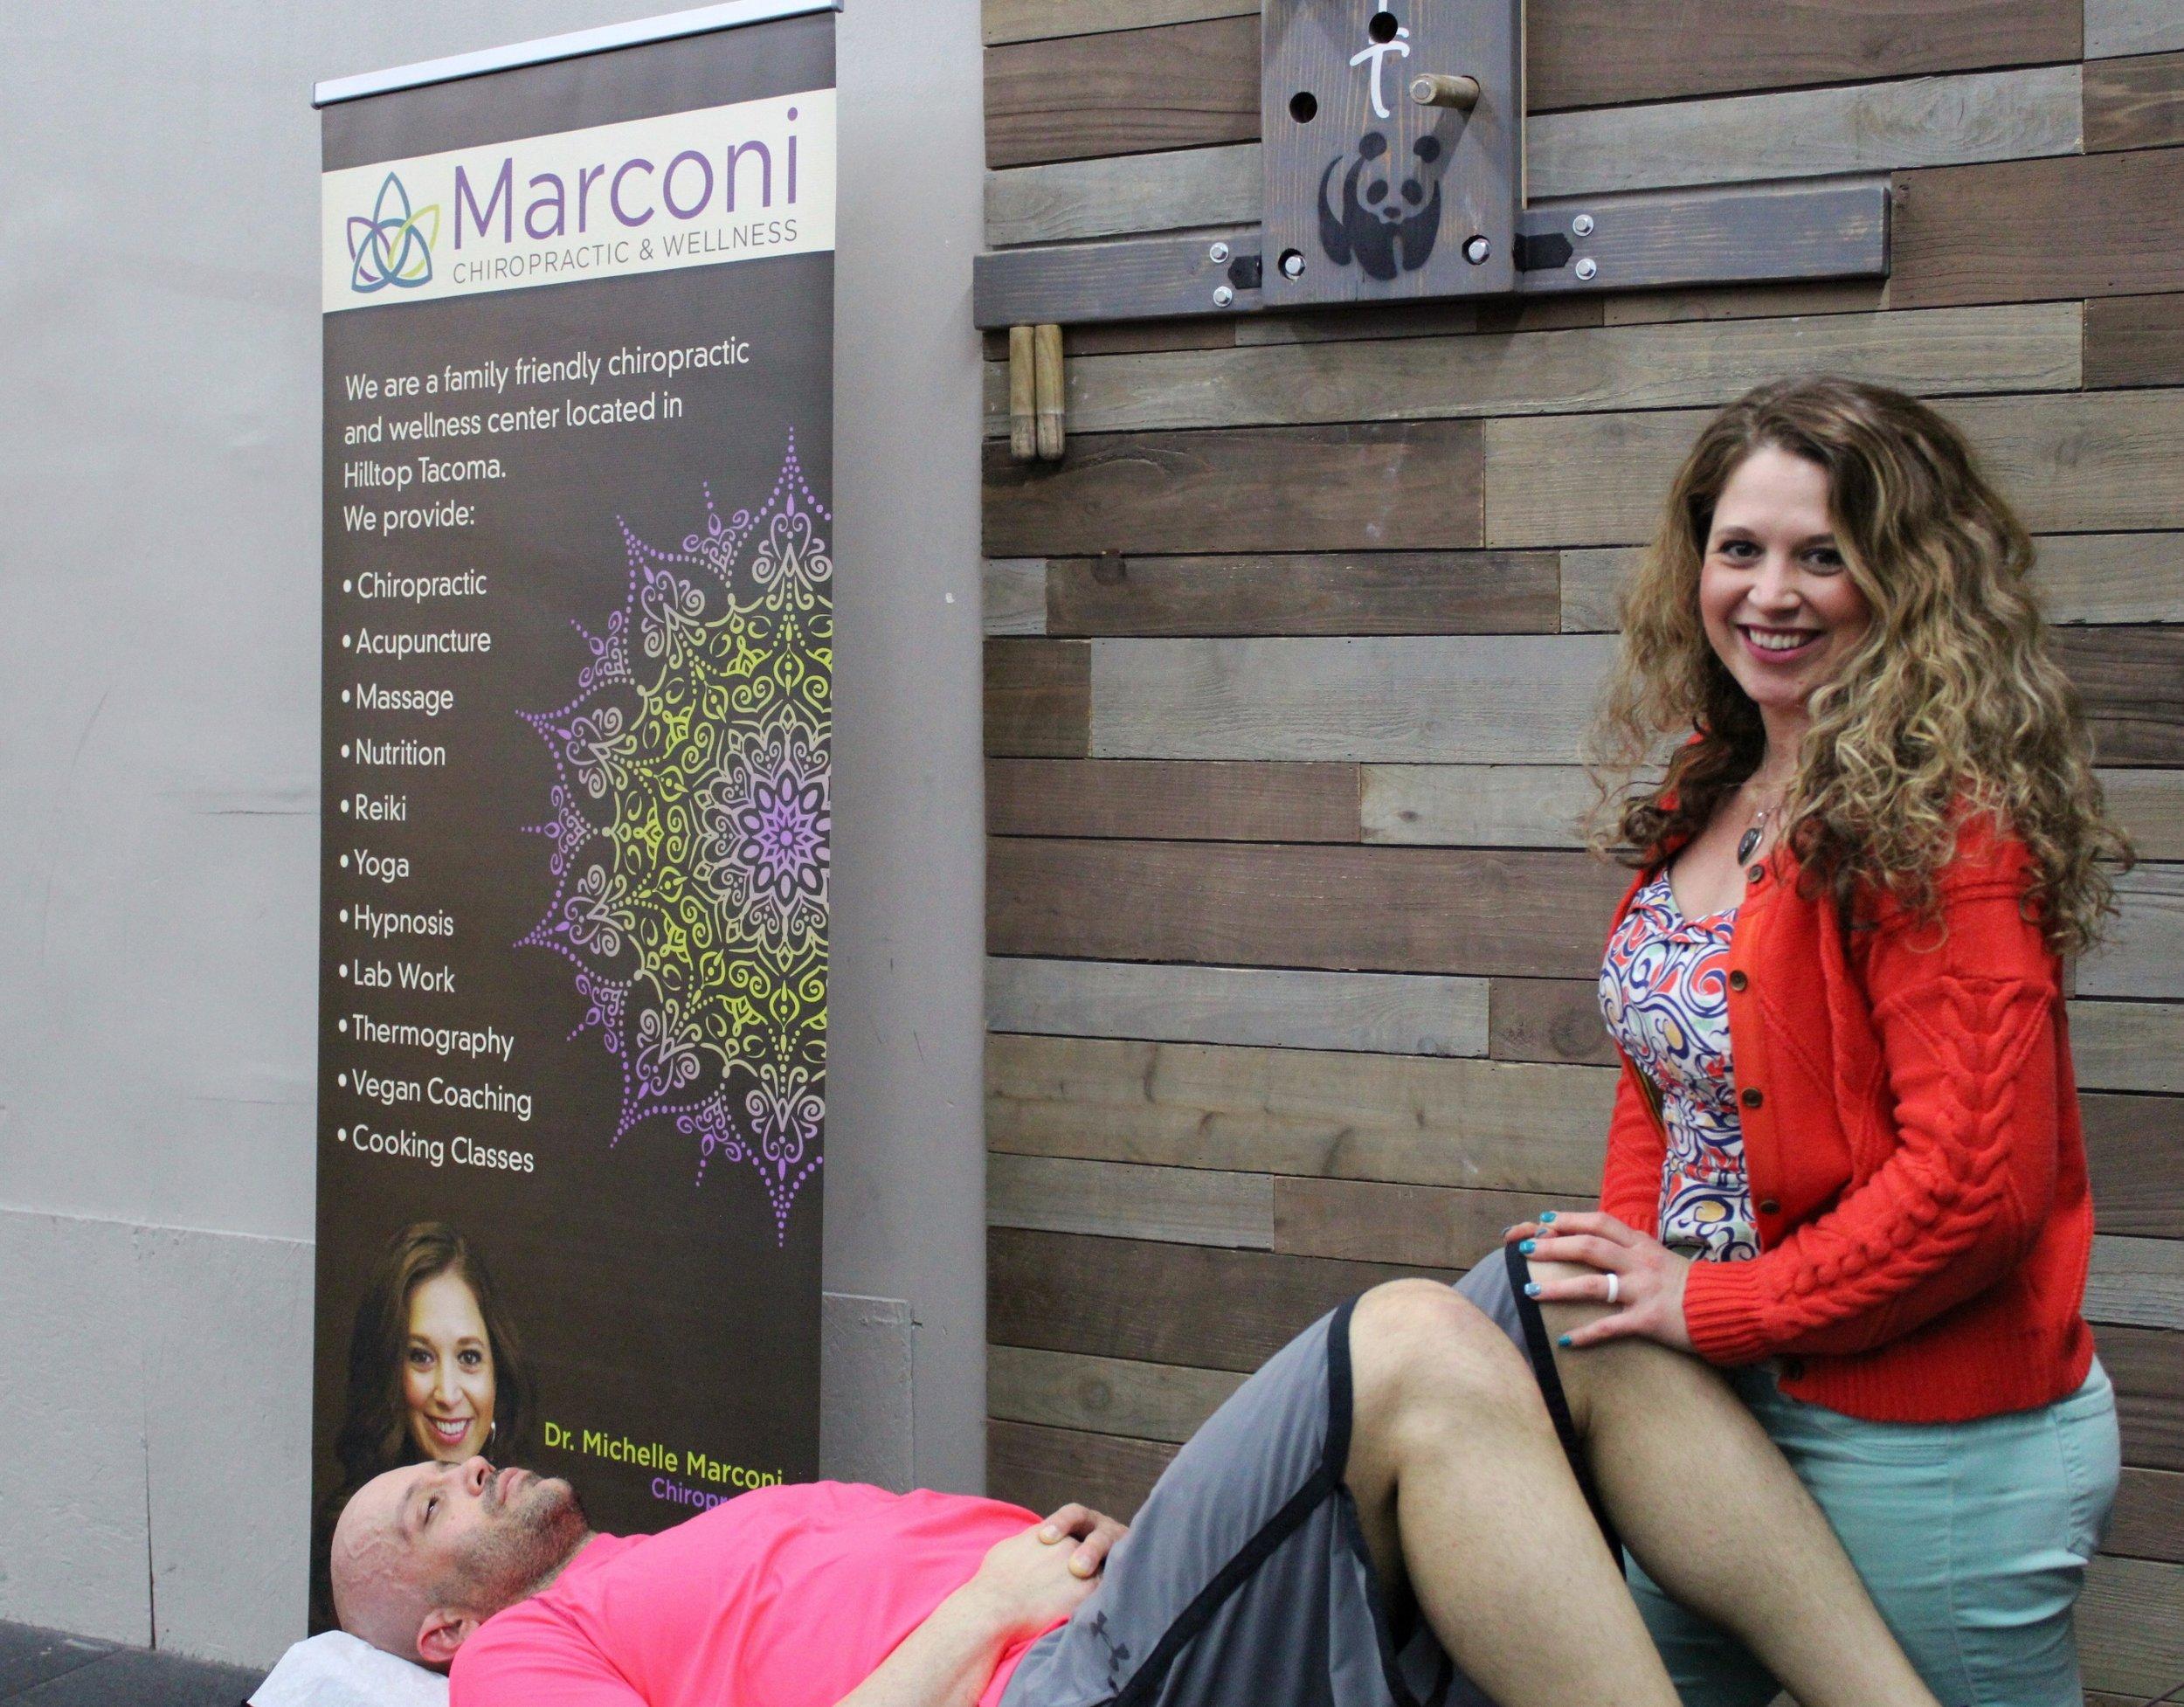 DR. MICHELLE MARCONI